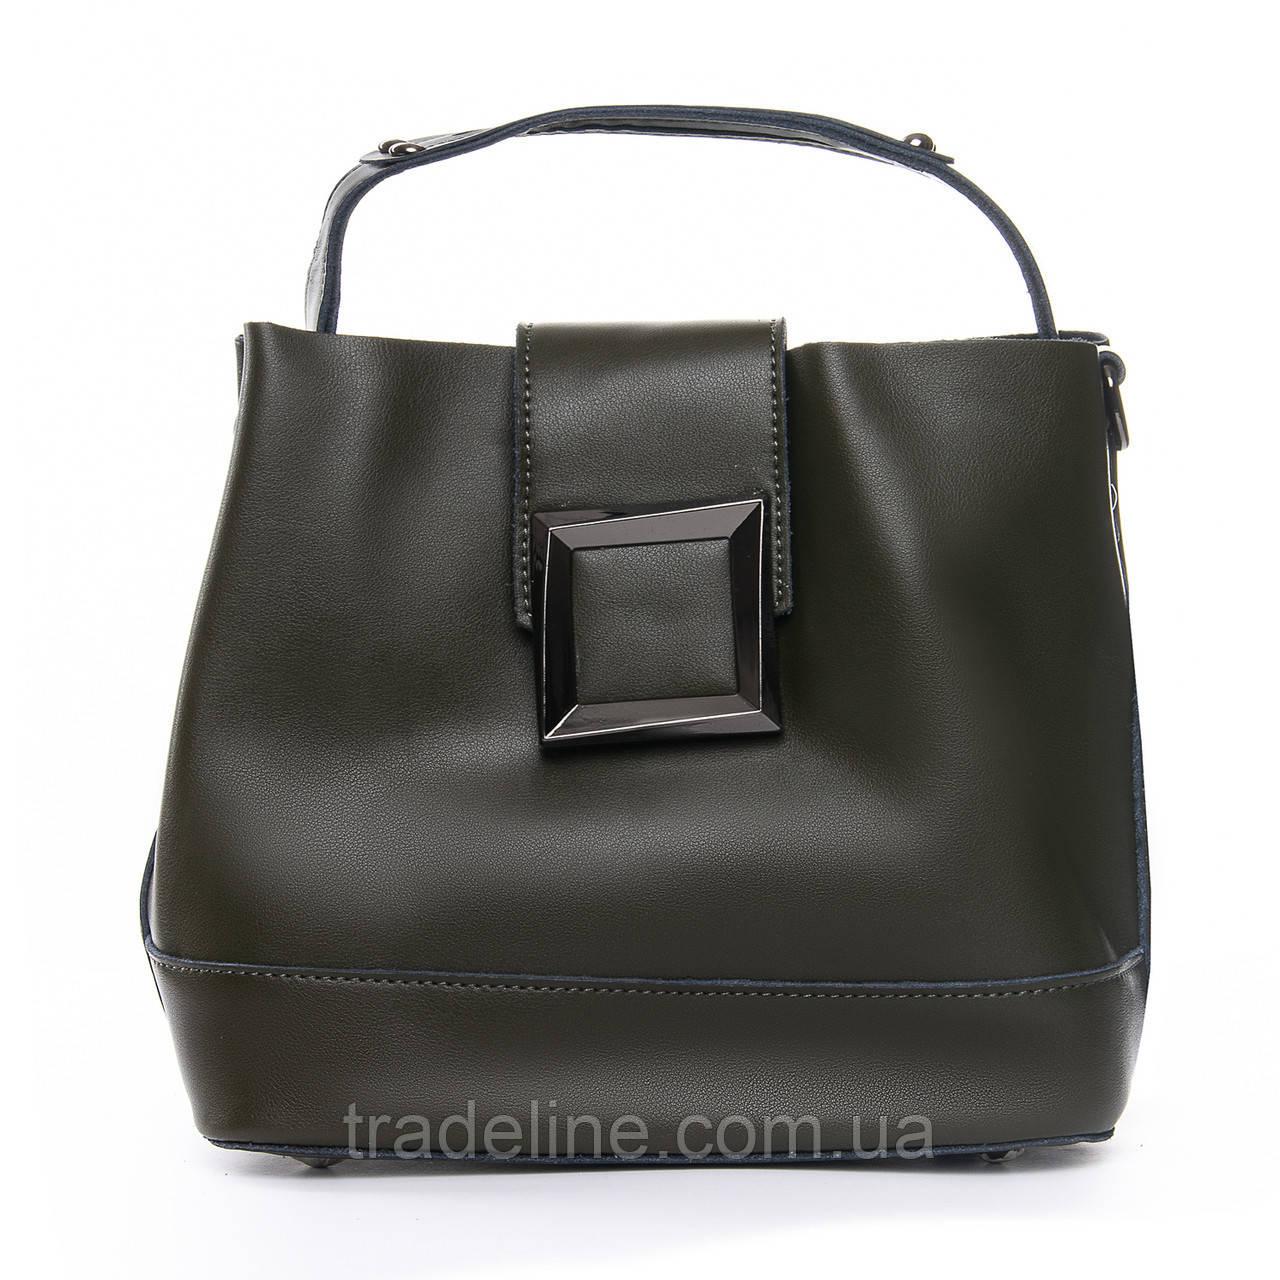 Сумка Женская Классическая кожа ALEX RAI 010-1 9924-206 green Распродажа